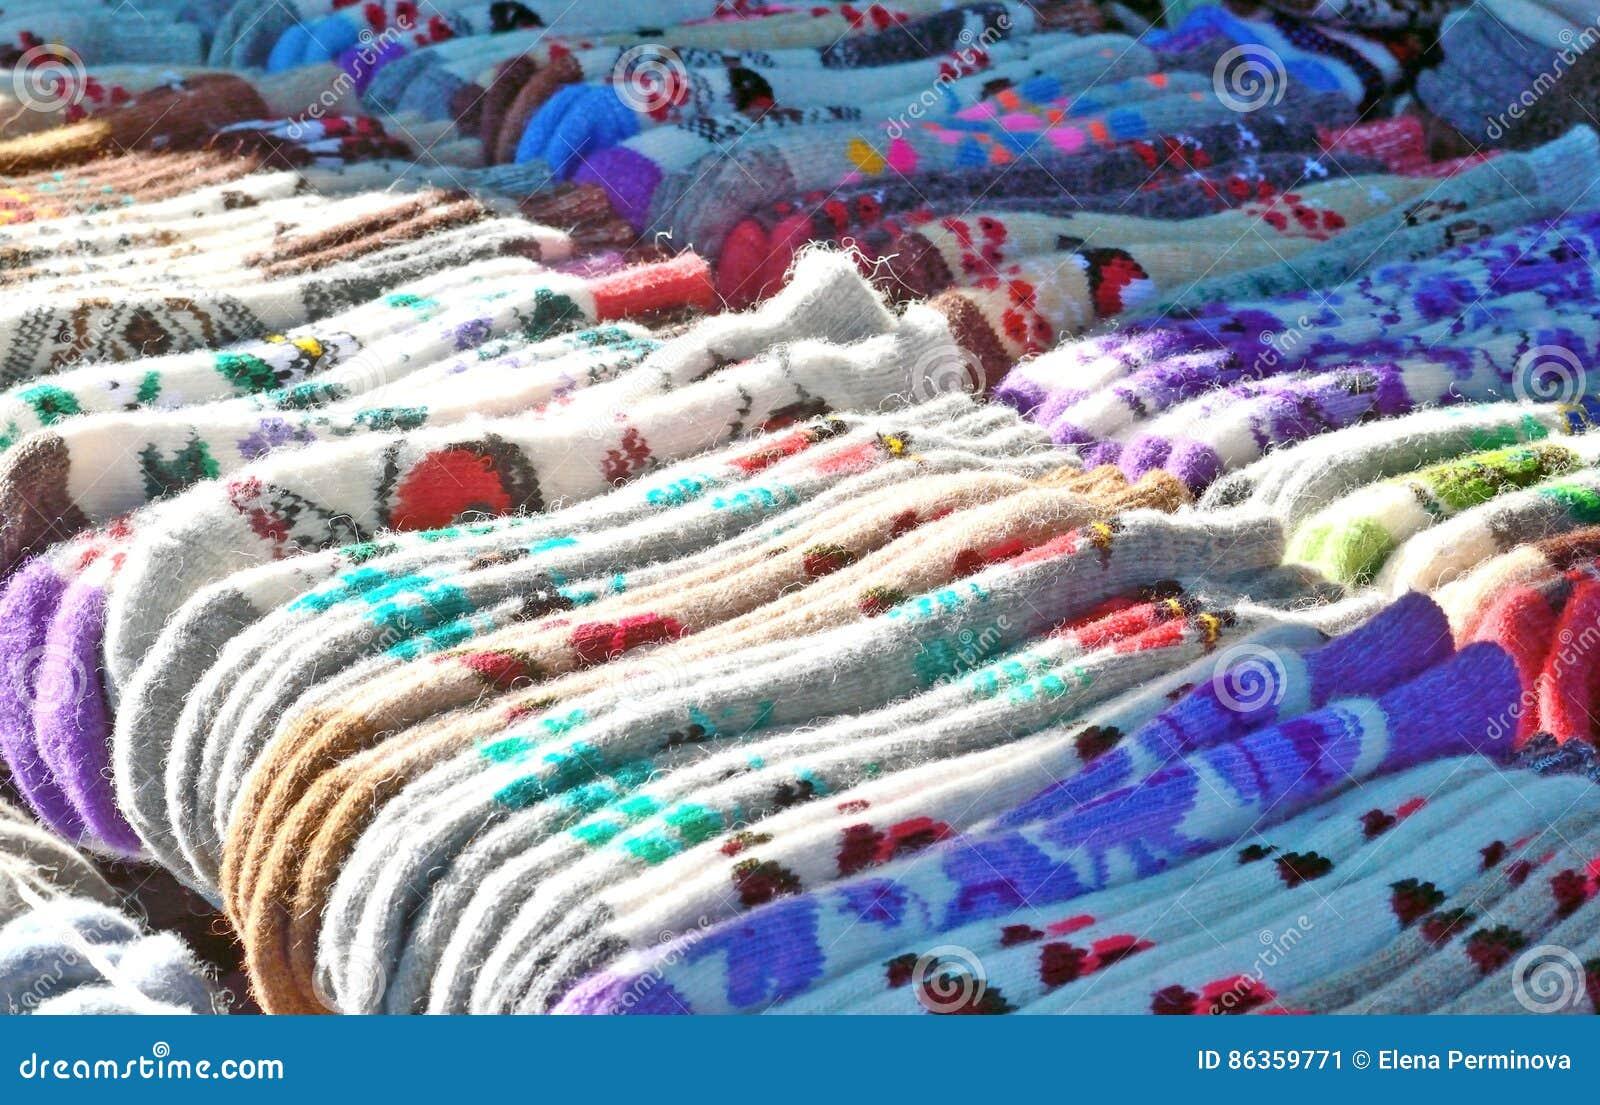 Venta De Calcetines De Lana En El Mercado Imagen de archivo - Imagen ...